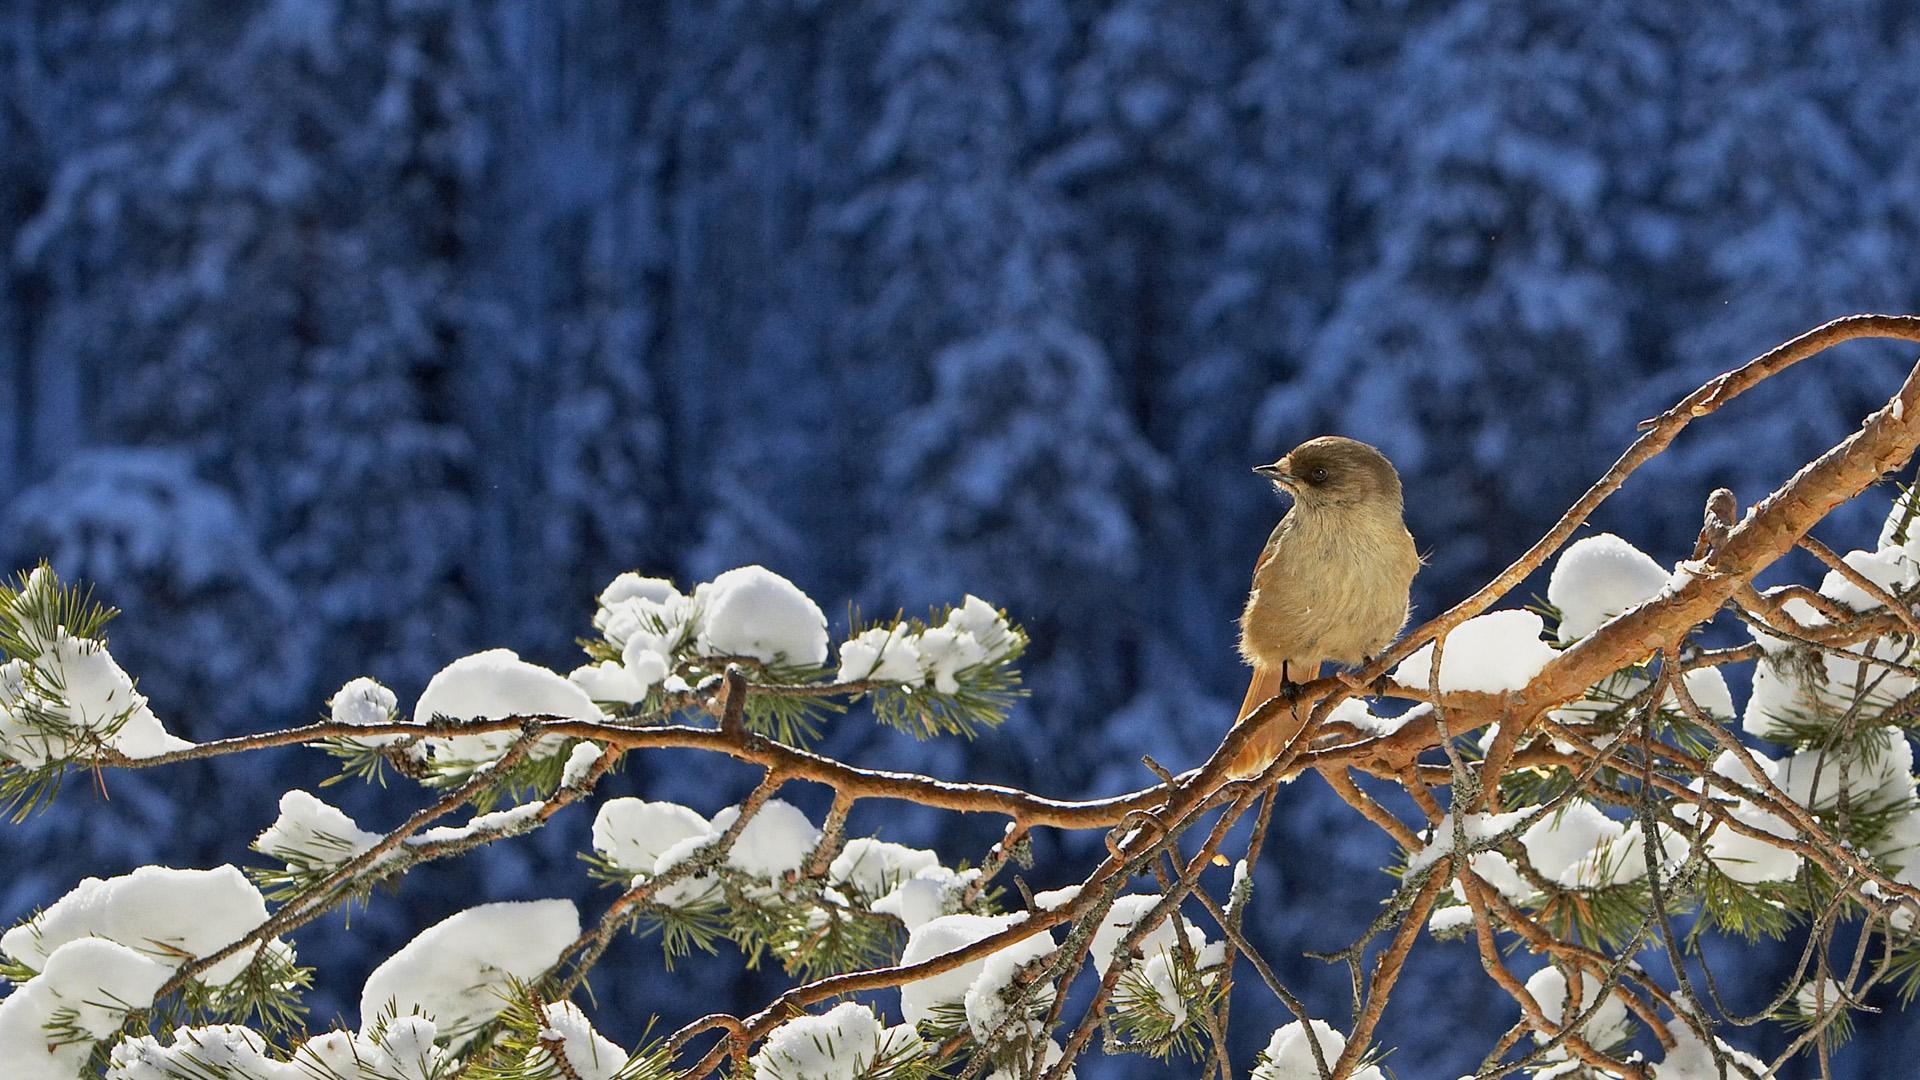 Птички на сосновых ветках бесплатно